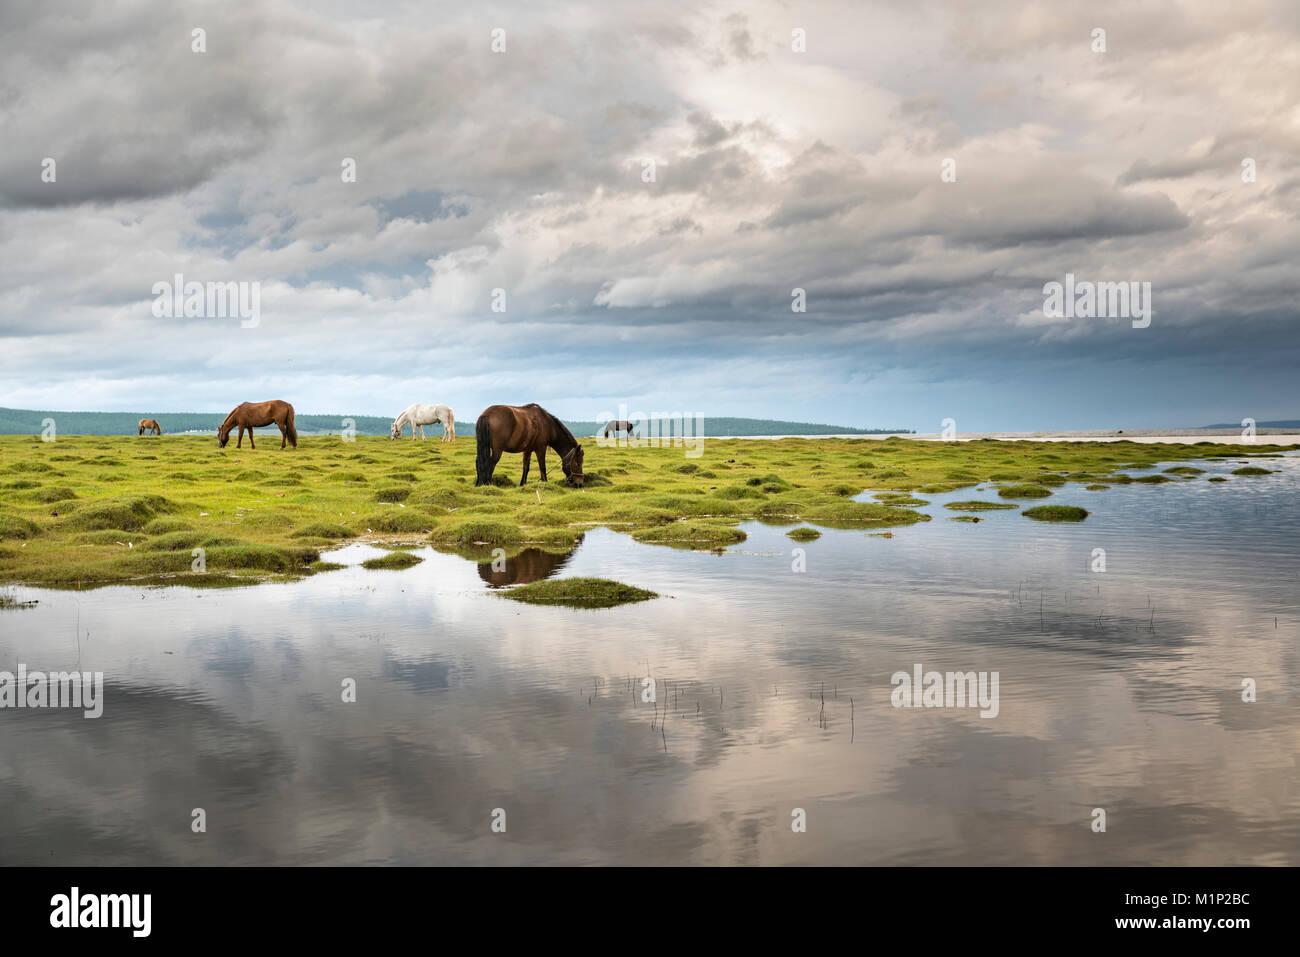 Cavalli al pascolo sulle rive del lago Hovsgol, Hovsgol provincia, Mongolia, Asia Centrale, Asia Immagini Stock